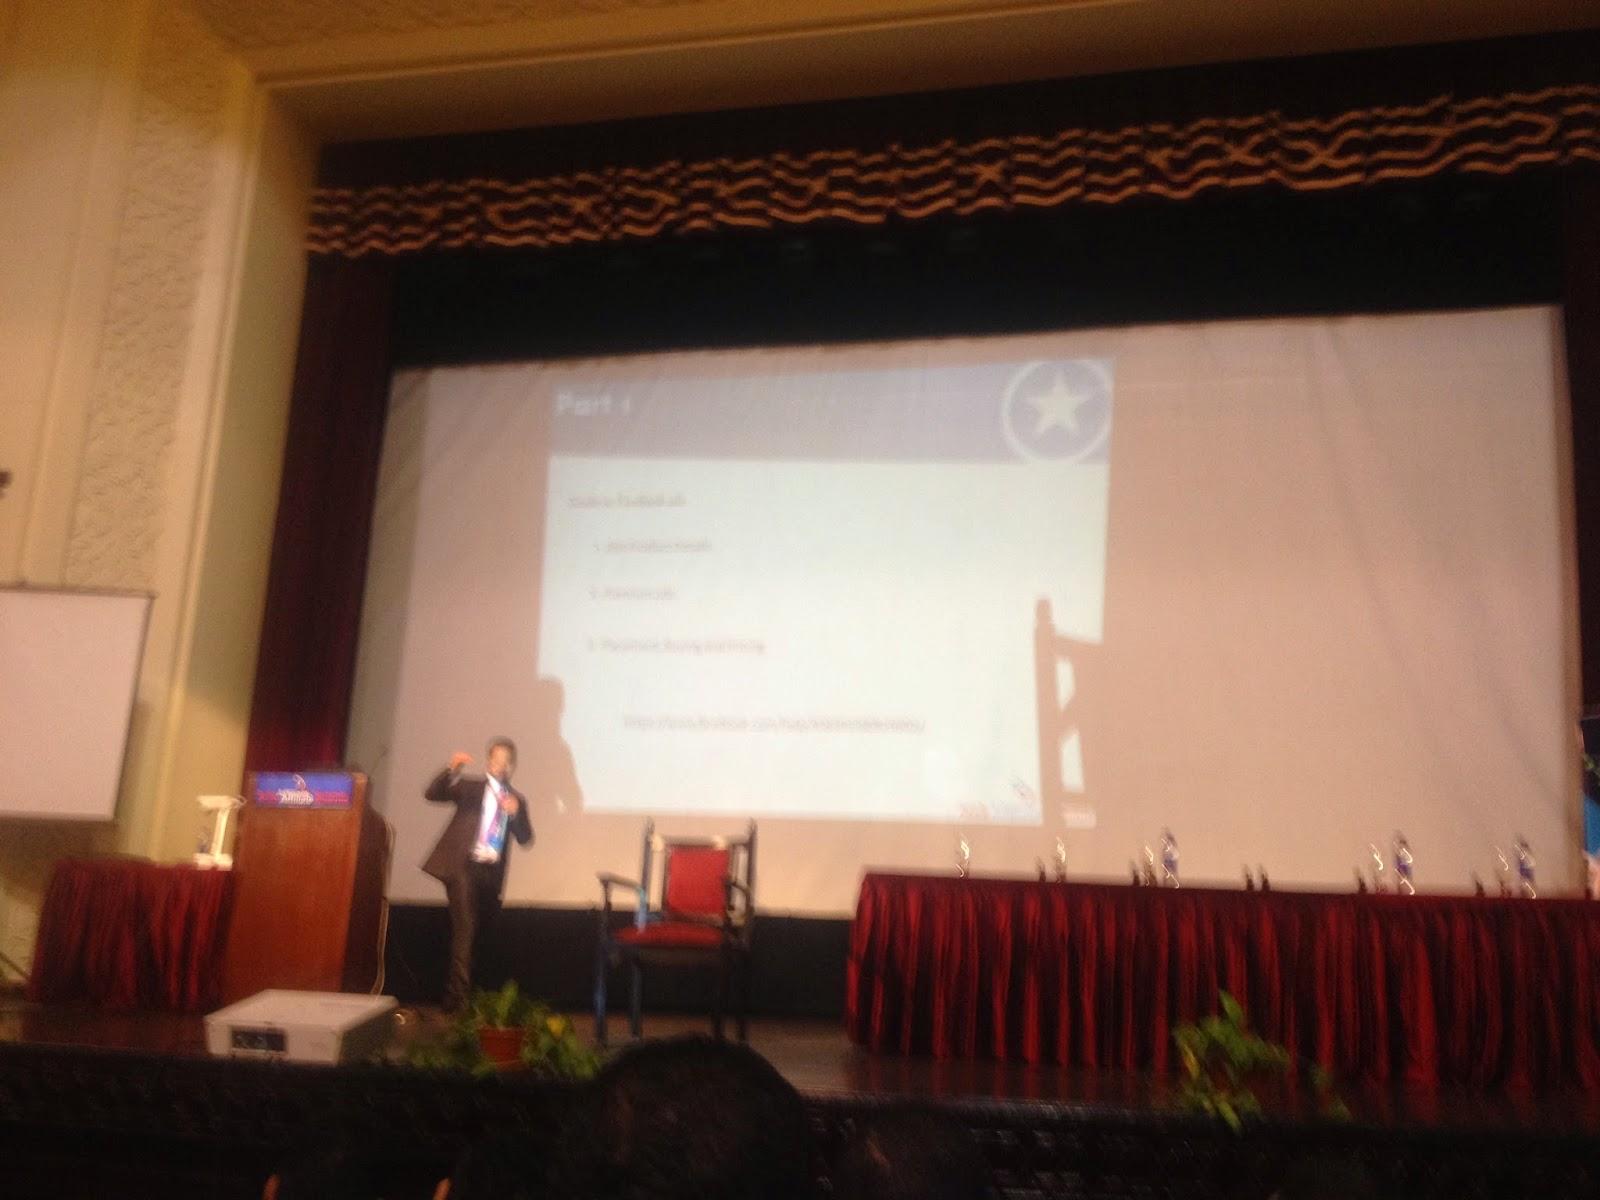 محمود فتحي احد مؤسسي مؤتمر الافلييت العرب Arab Affiliate summit الذي تحدث عن اعلانات الفيس بوك